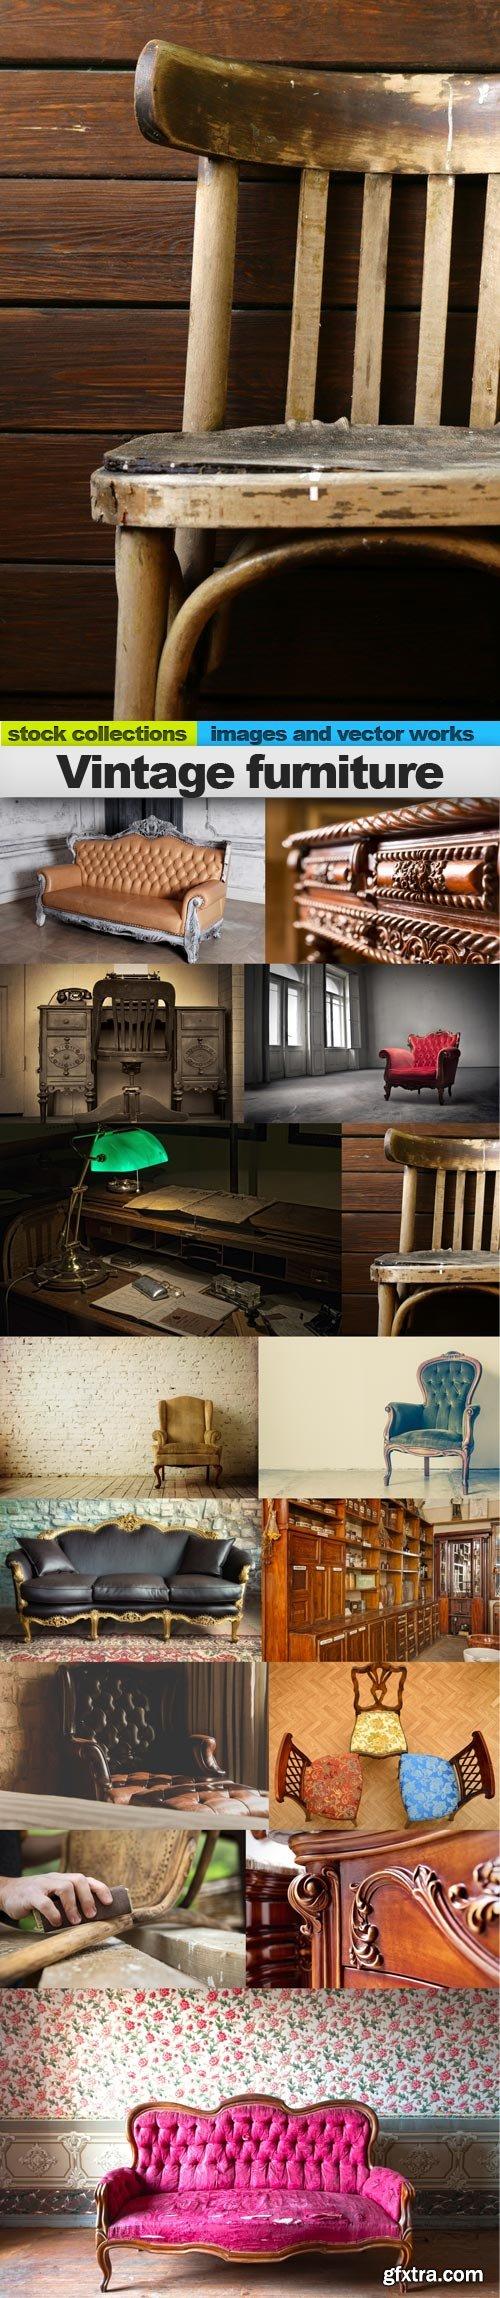 Vintage furniture, 15 x UHQ JPEG